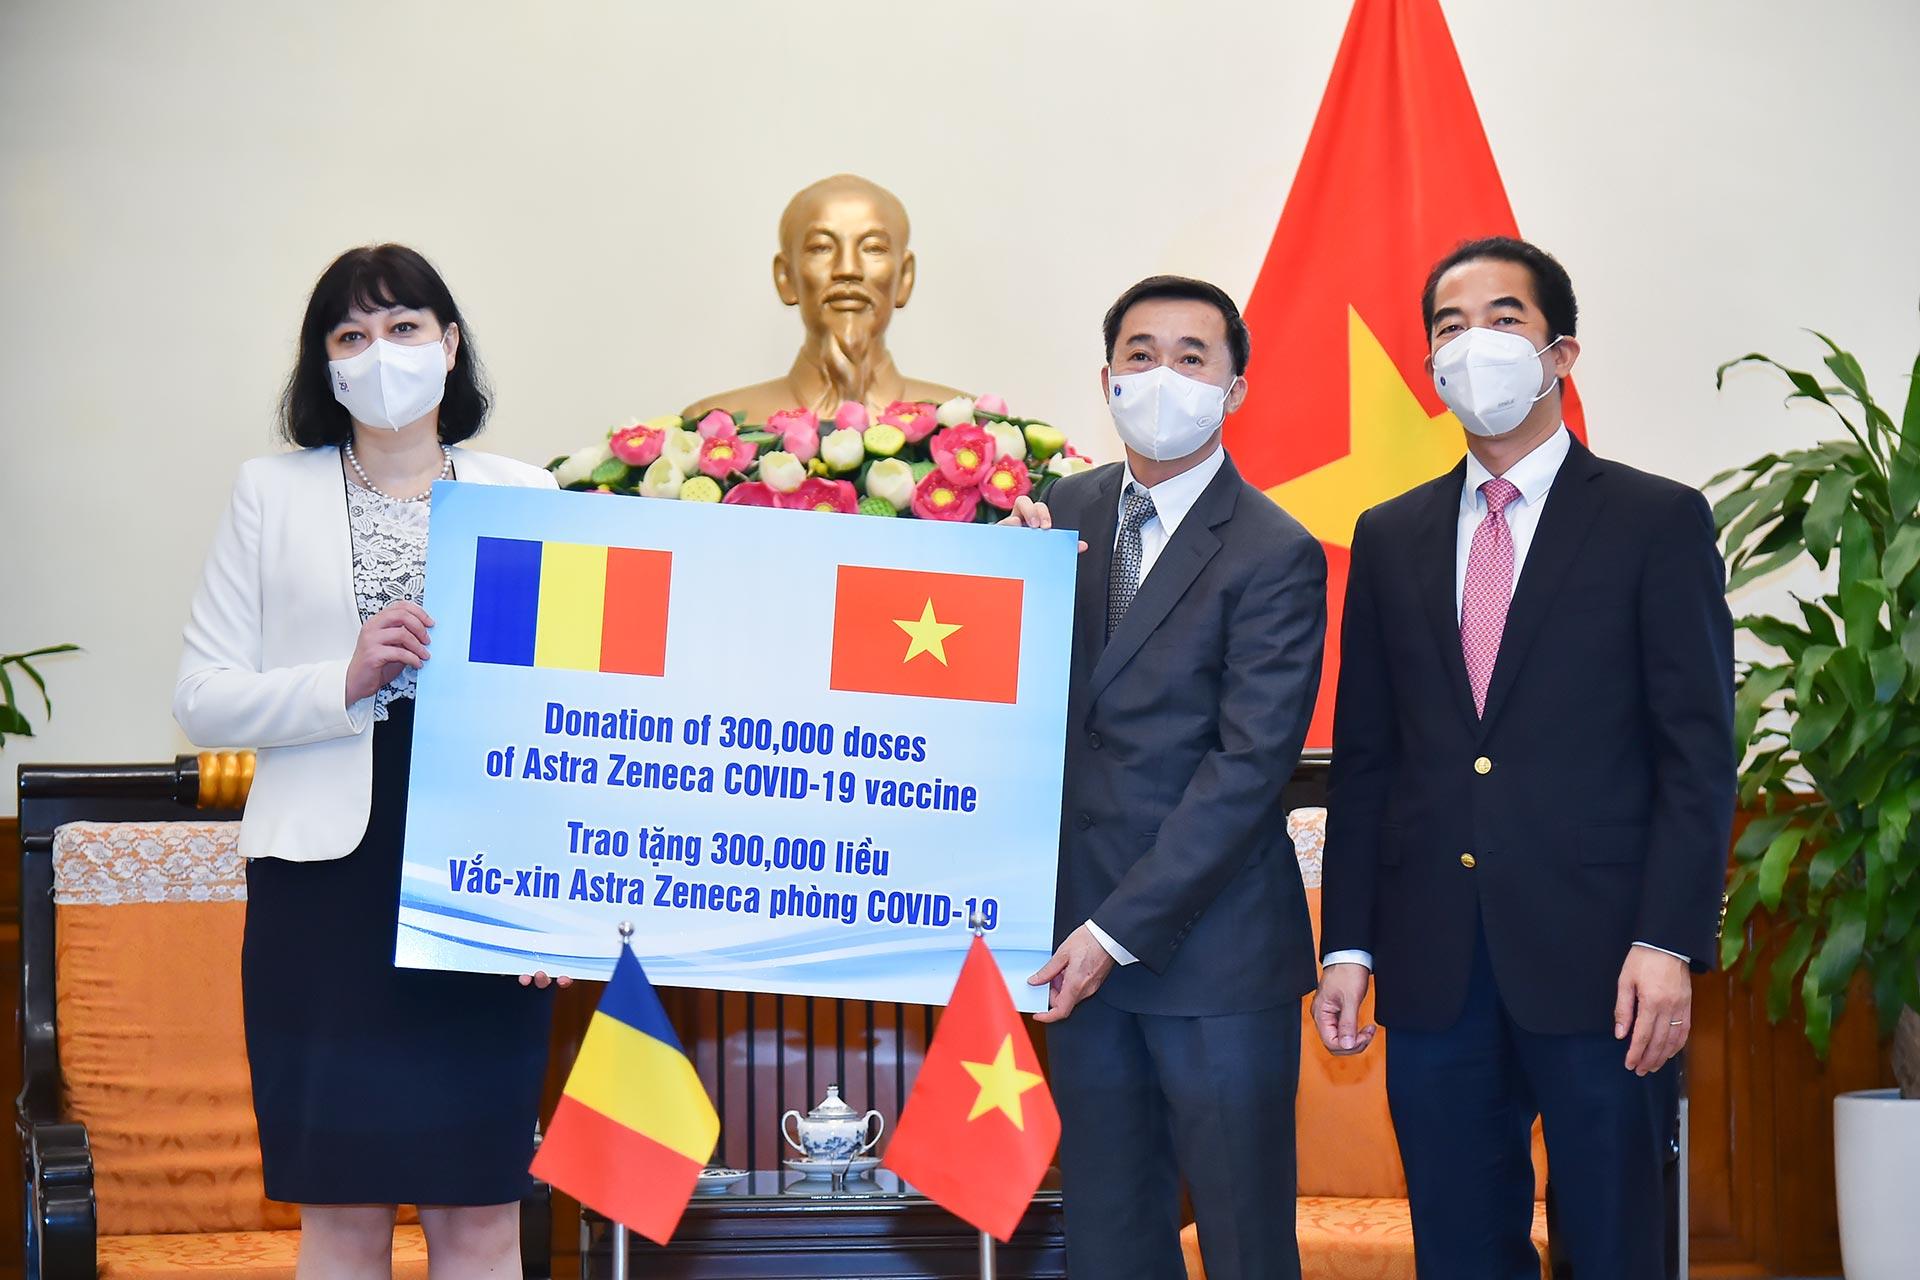 Thứ trưởng Ngoại giao Tô Anh Dũng (ngoài cùng bên phải), Thứ trưởng Bộ Y tế Trần Văn Thuấn (giữa) và Đại sứ Romania tại Việt Nam Cristina Romila tại lễ tiếp nhận tượng trưng 300.000 liều vaccine ở trụ sở Bộ Ngoại giao hôm nay. Ảnh: Bộ Ngoại giao.